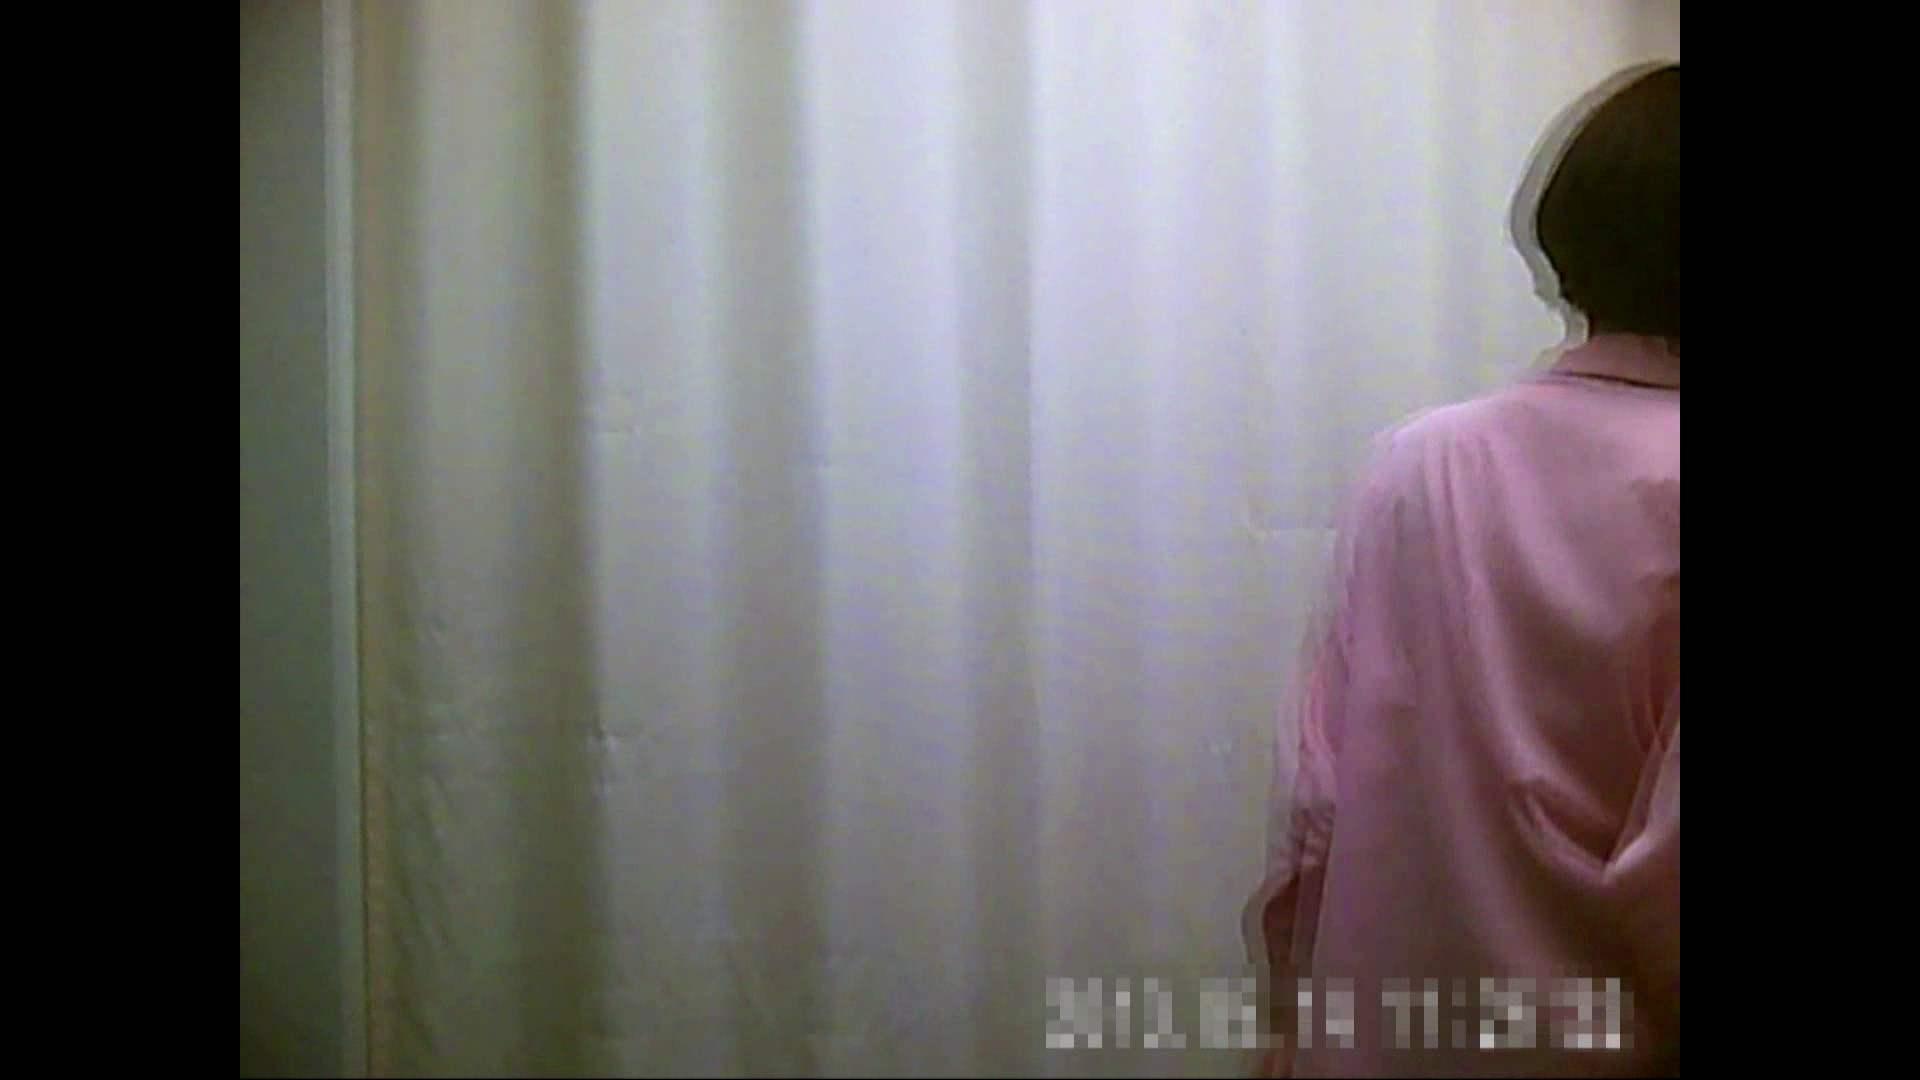 病院おもいっきり着替え! vol.213 巨乳 おめこ無修正画像 89pic 5